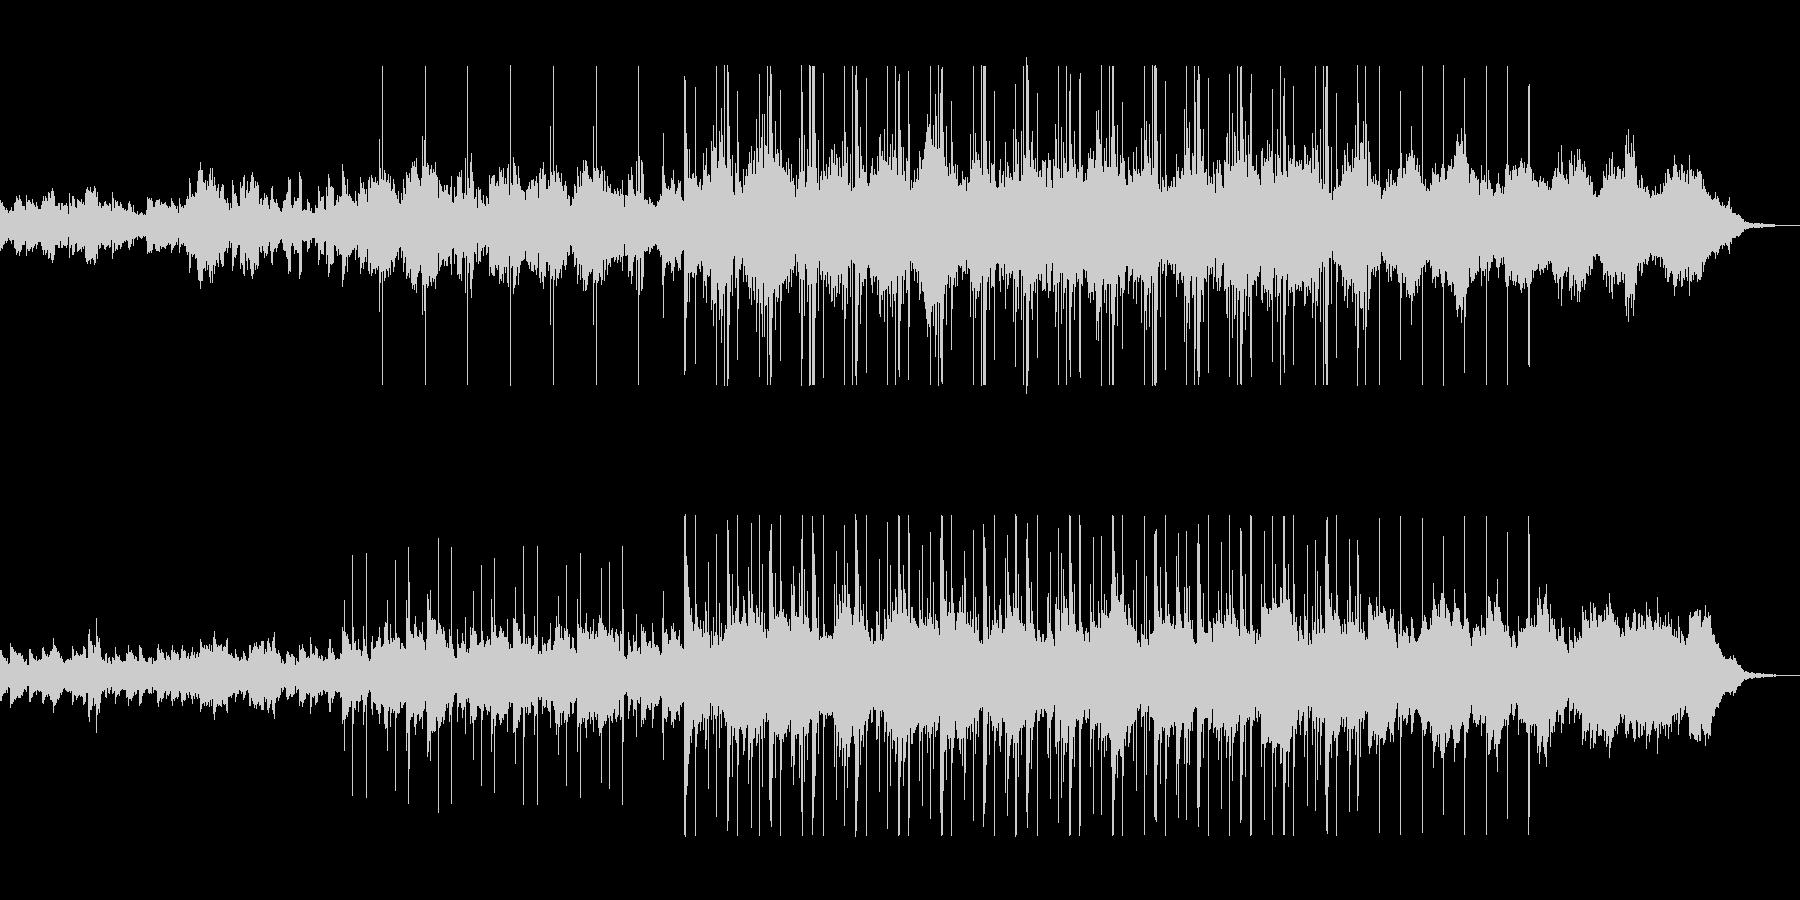 神秘的でミステリアスなシンセサイザーの未再生の波形